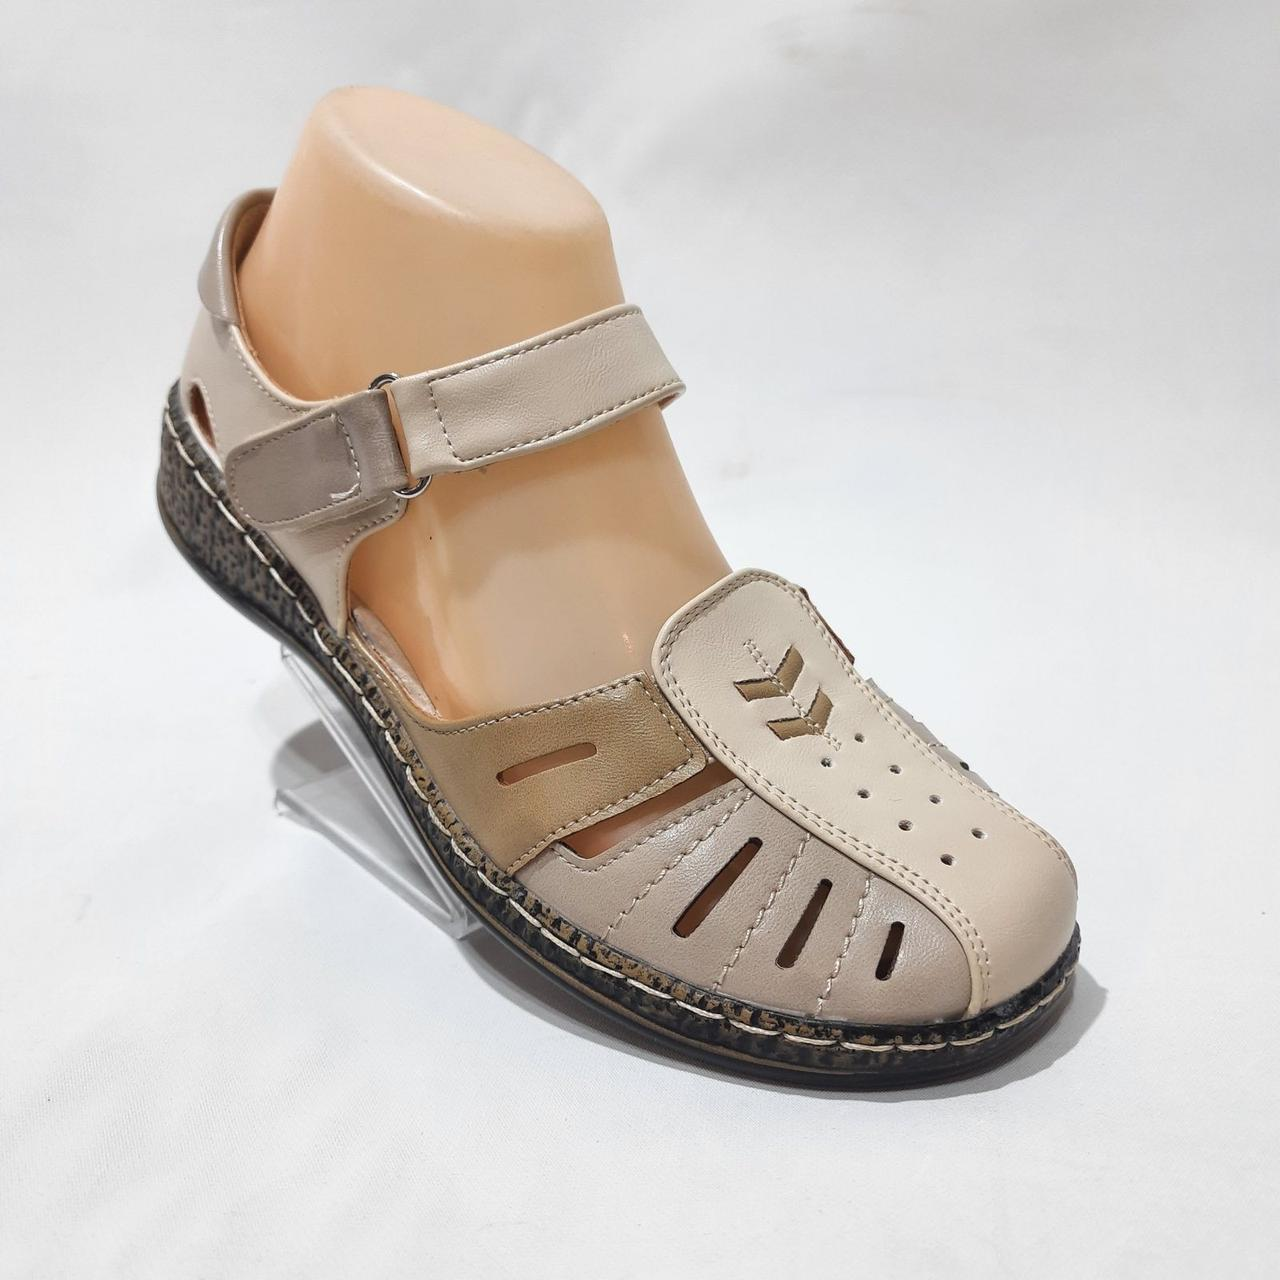 Босоніжки жіночі, сандалі з екошкіри на низькому ходу ортопедична устілка на липучках Бежеві